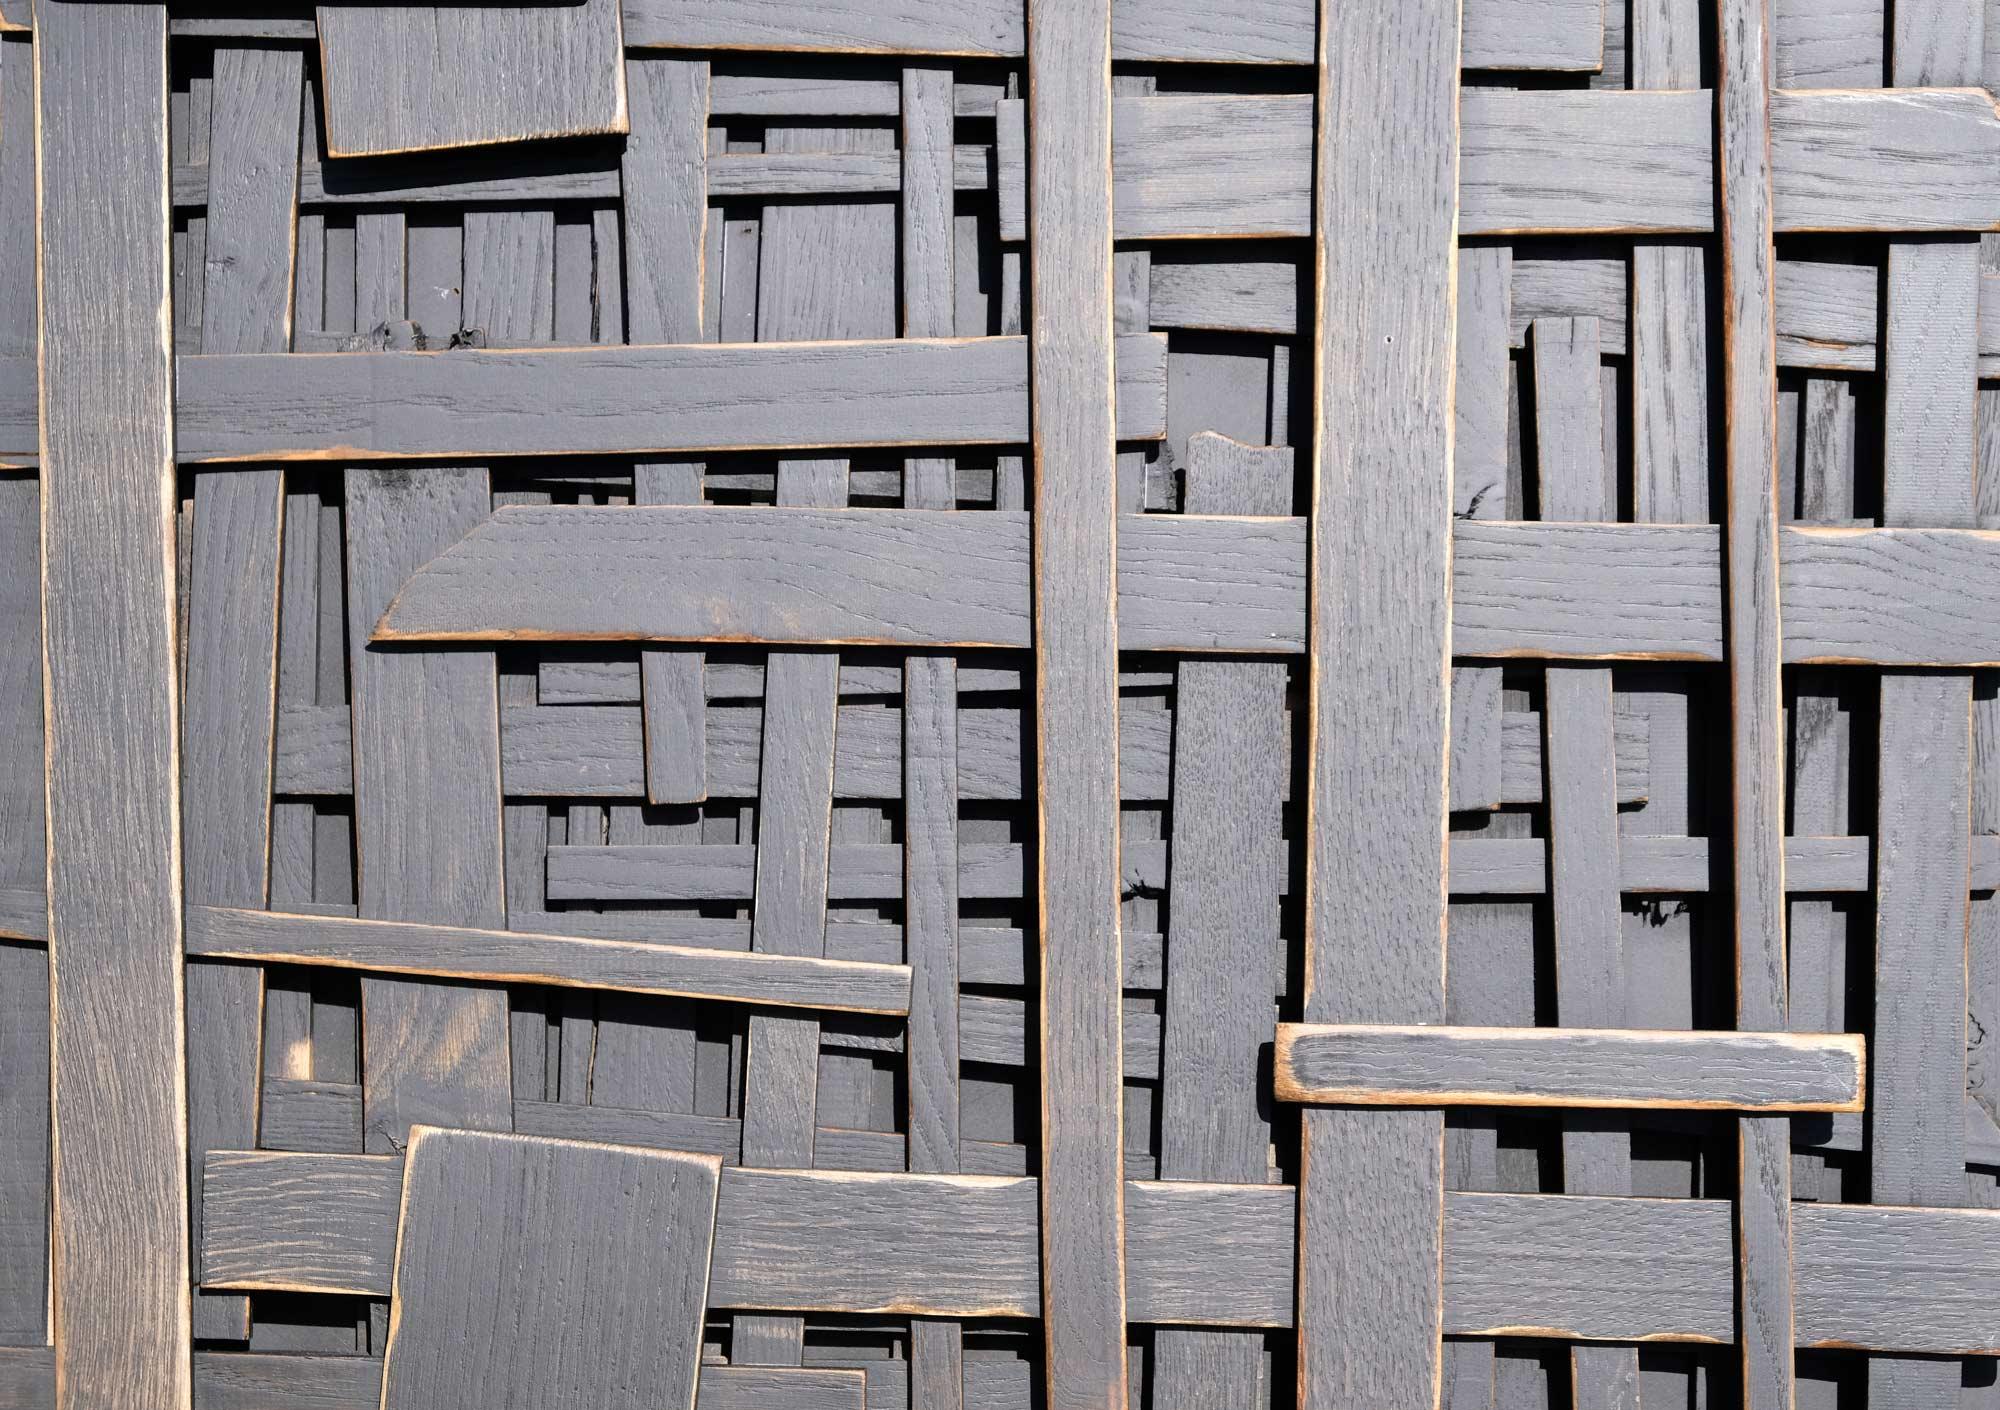 wandpaneele-holz-eukalyptus-lasiert-locked-forever-schwarz